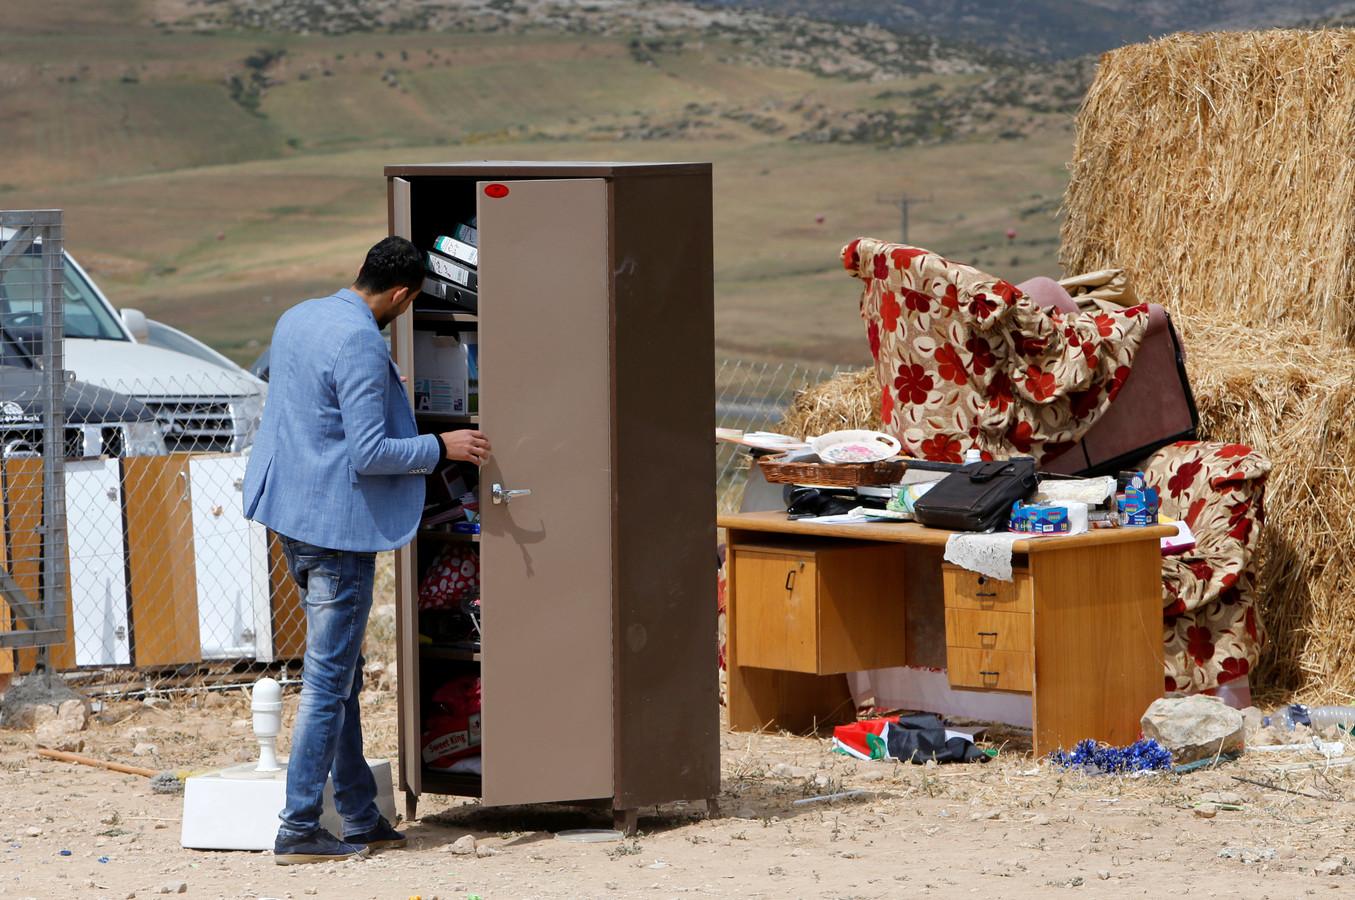 Een Palestijnse leraar bij een kast op de plek waar een school heeft gestaan.  Israëlische troepen verwijderden de muren en het dak van deze school op de bezette Westbank. Foto Mussa Qawasma